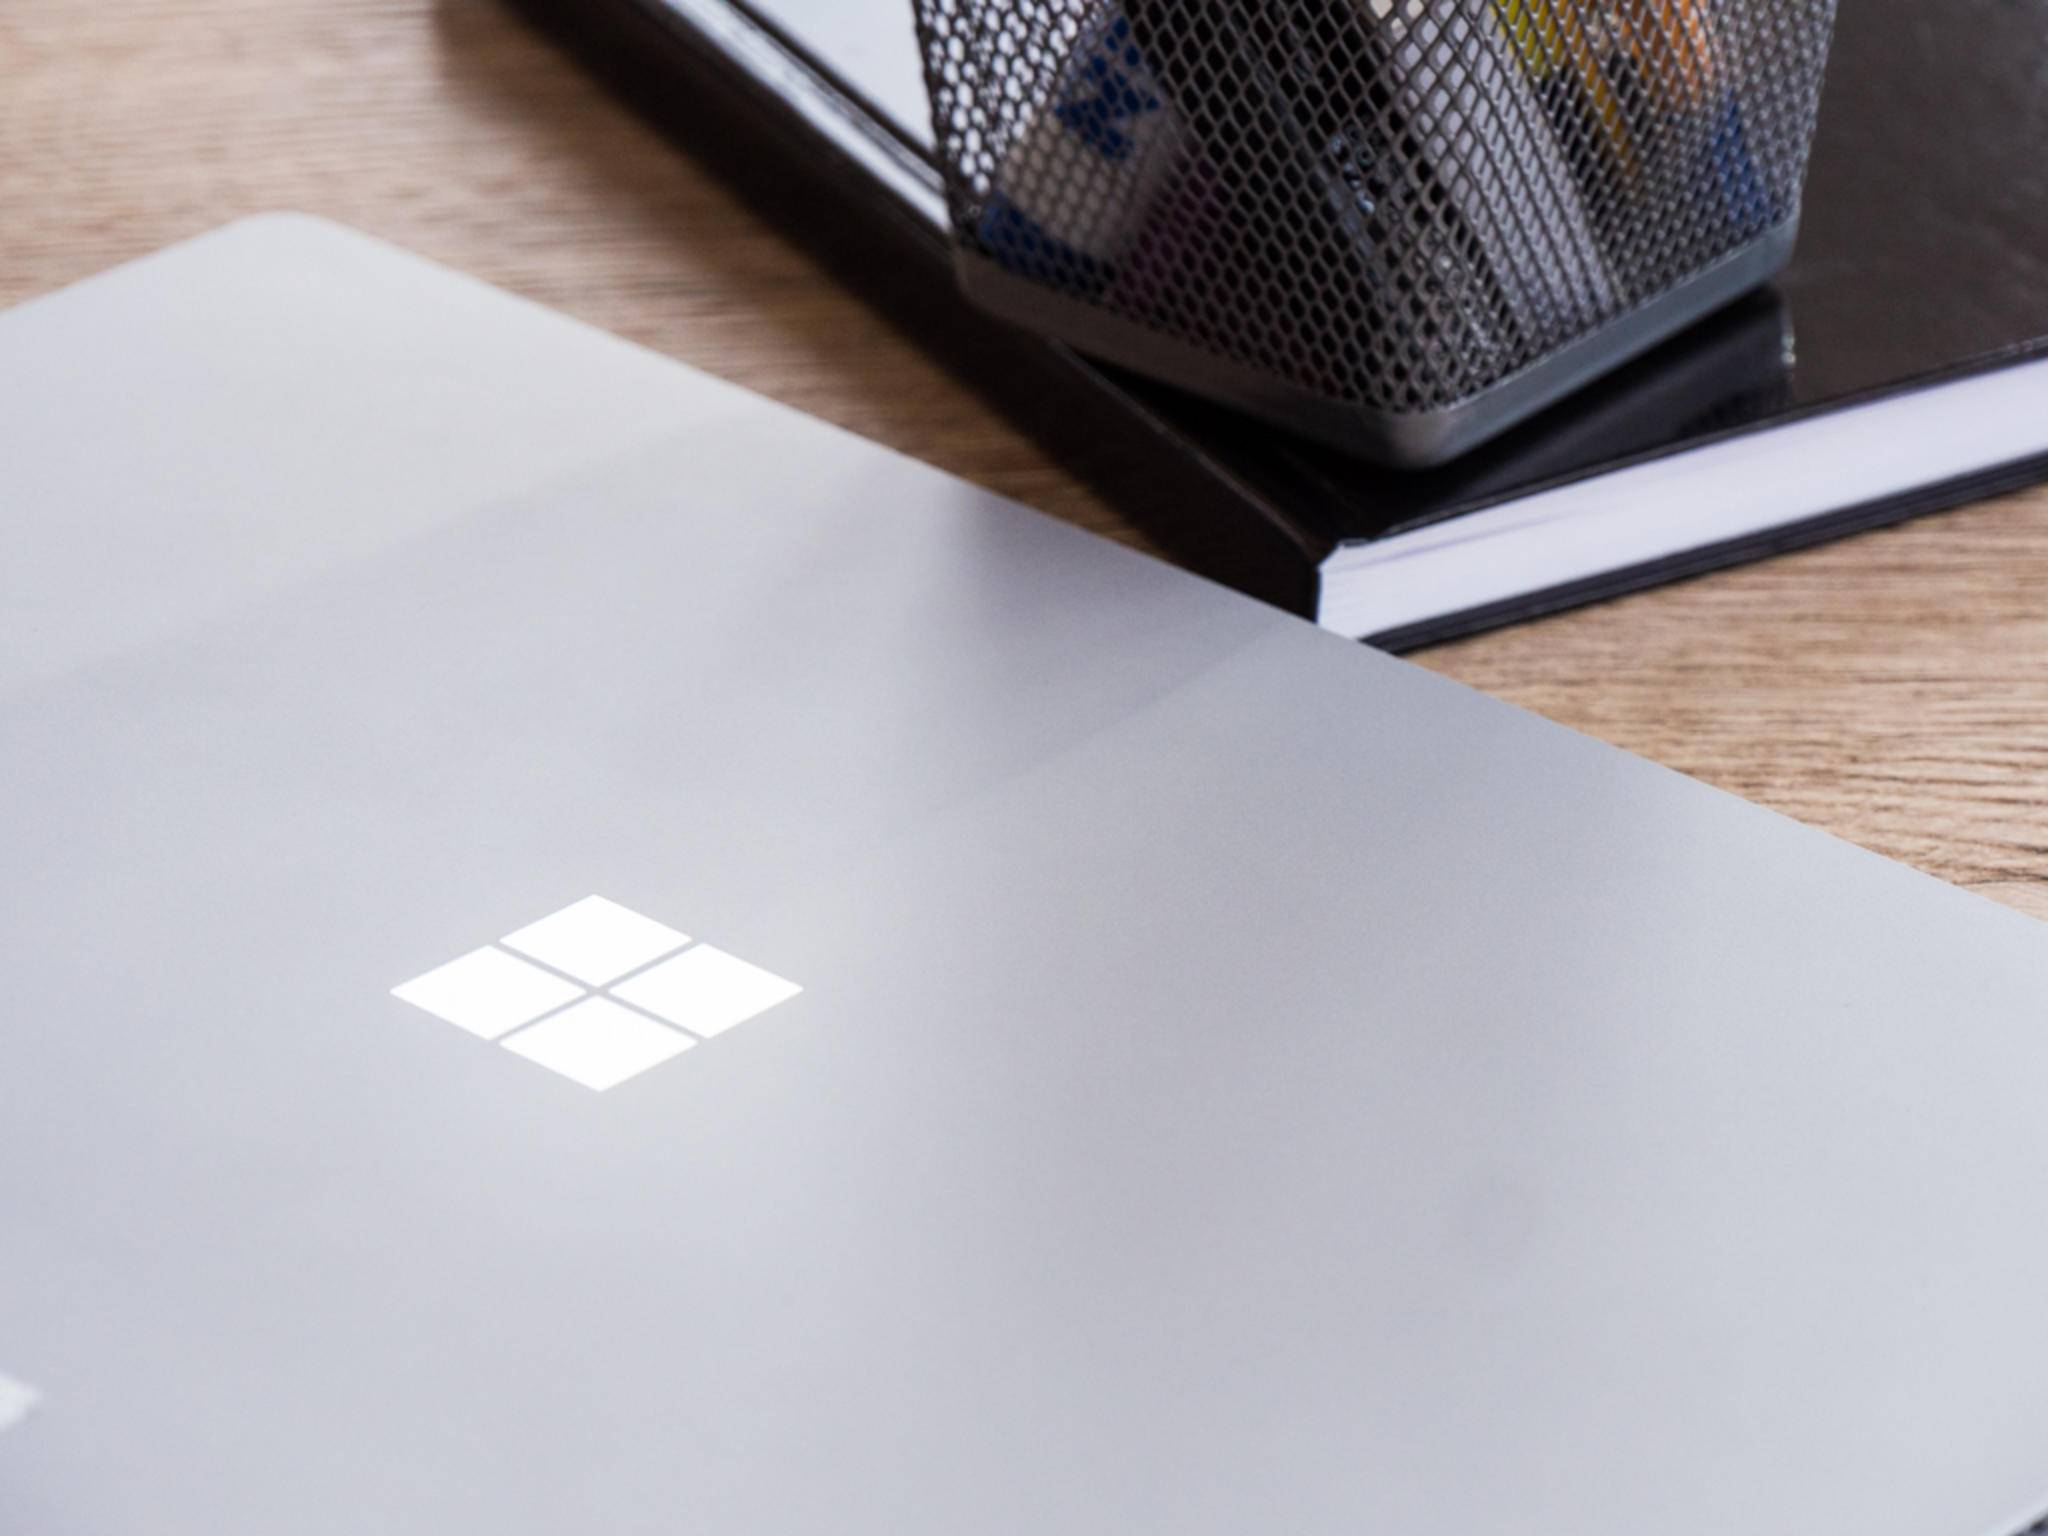 Arbeitet Microsoft tatsächlich an einem Surface-All-in-One-PC?